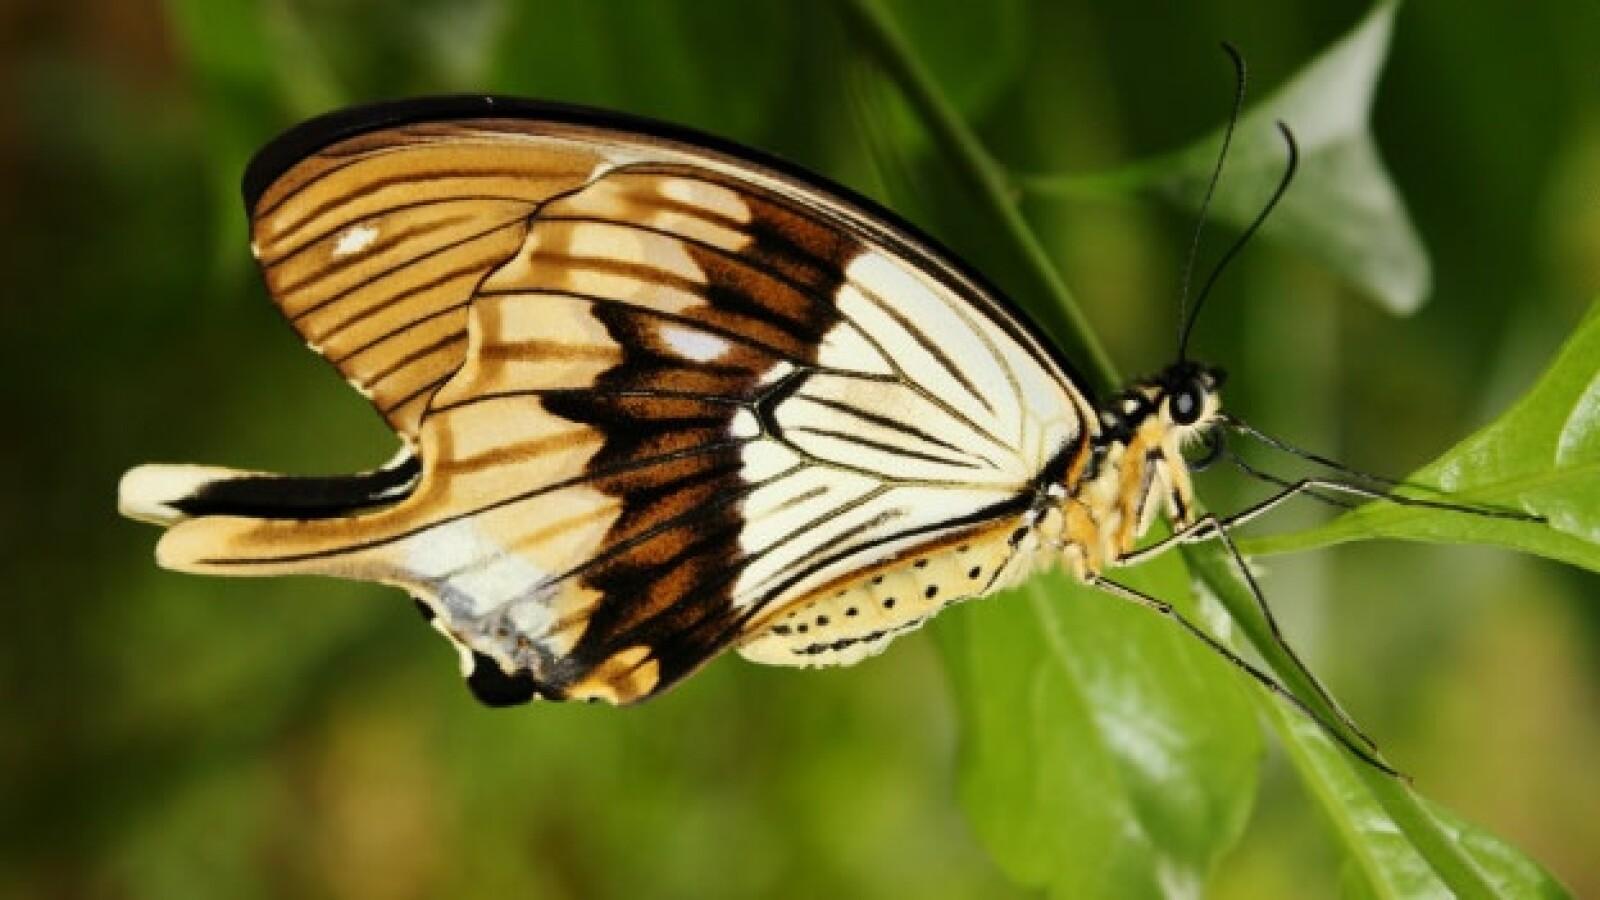 mariposas tanzania insectos especies 03